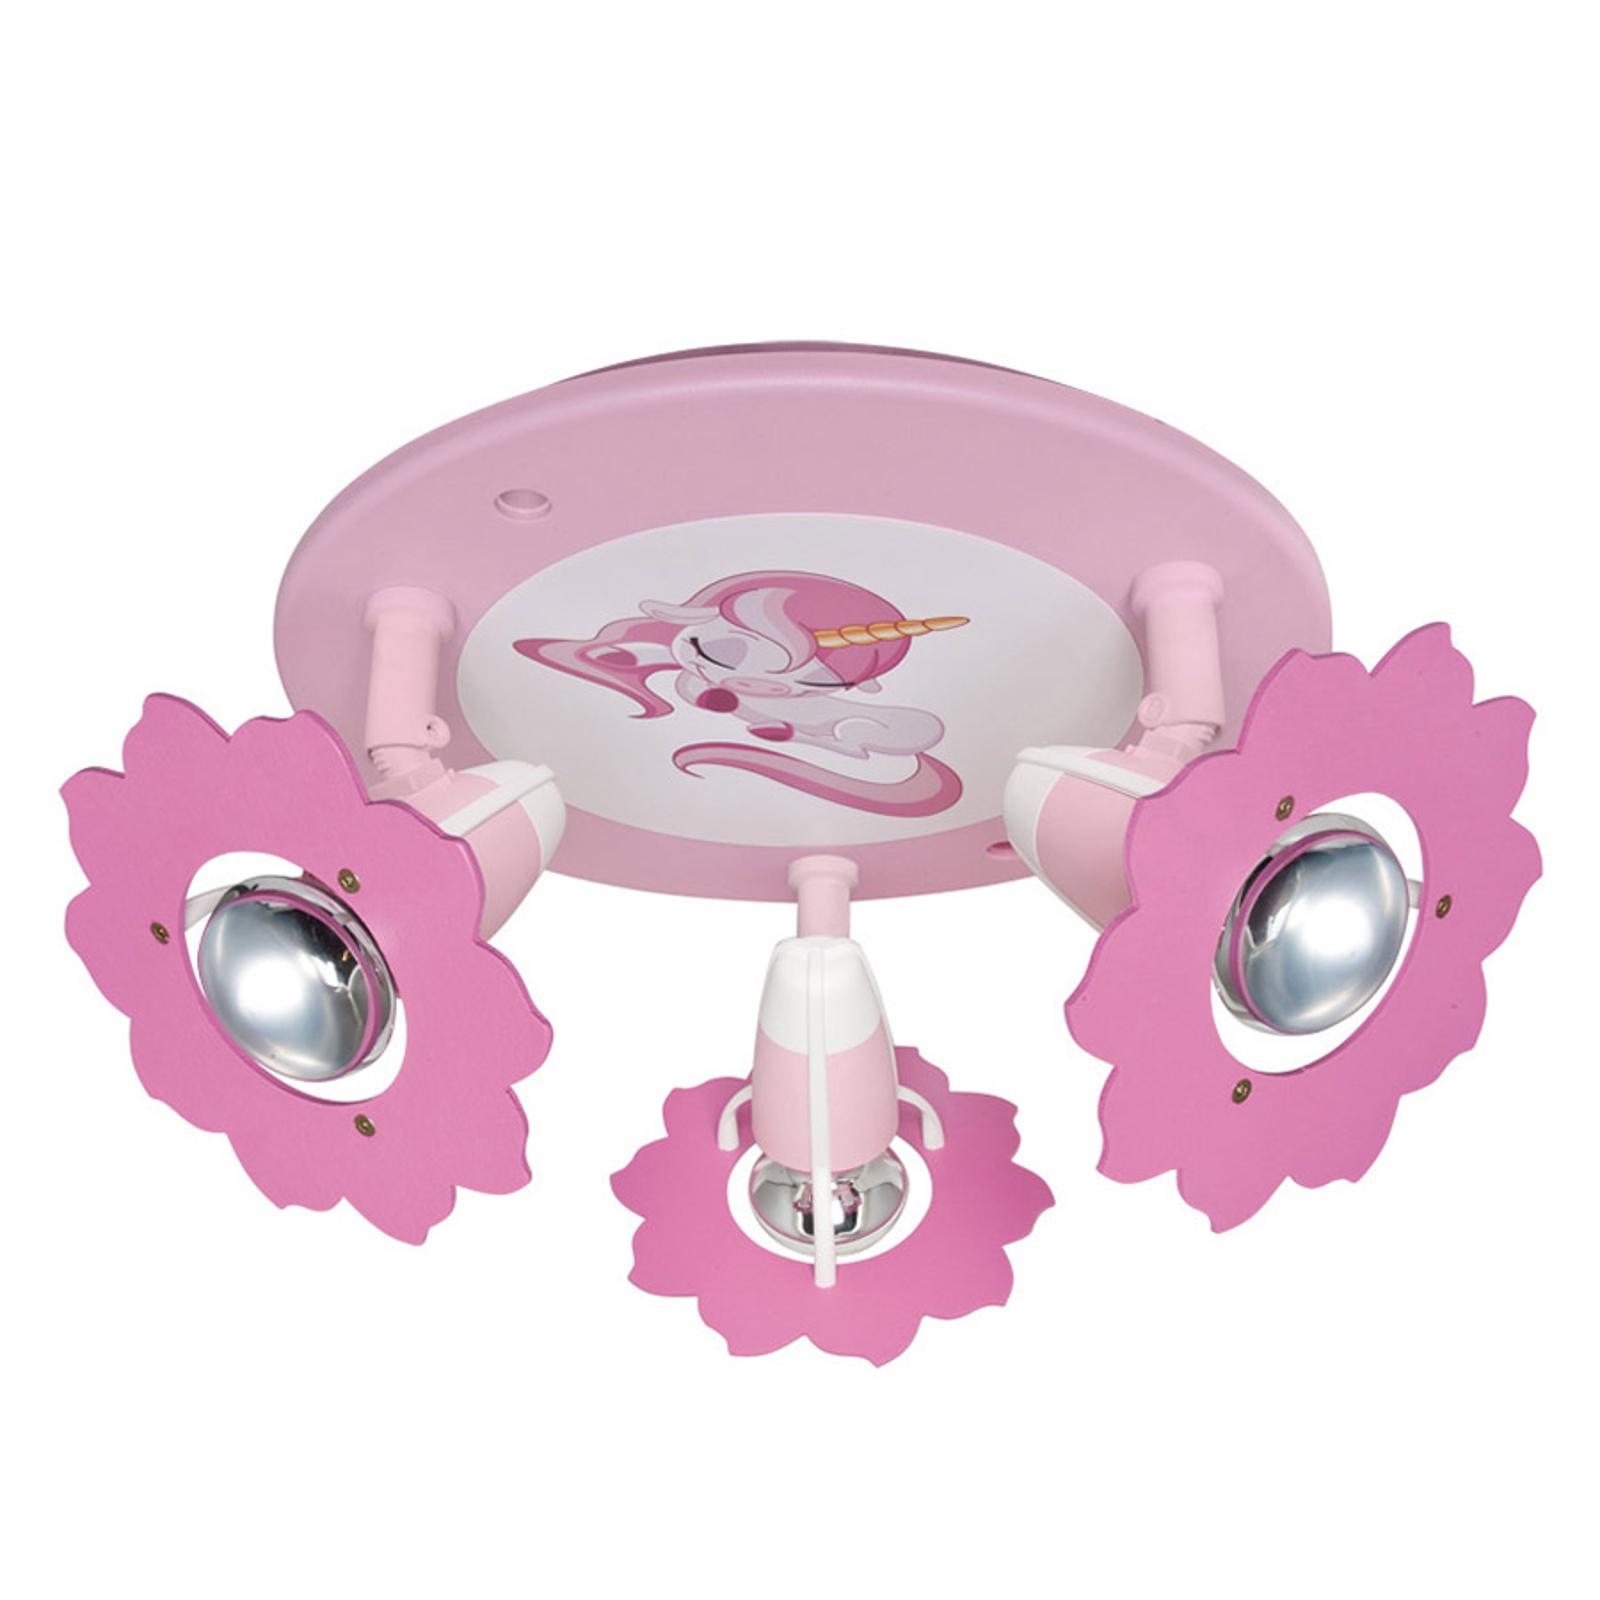 Plafoniera Unicorno 3 luci - regolabile